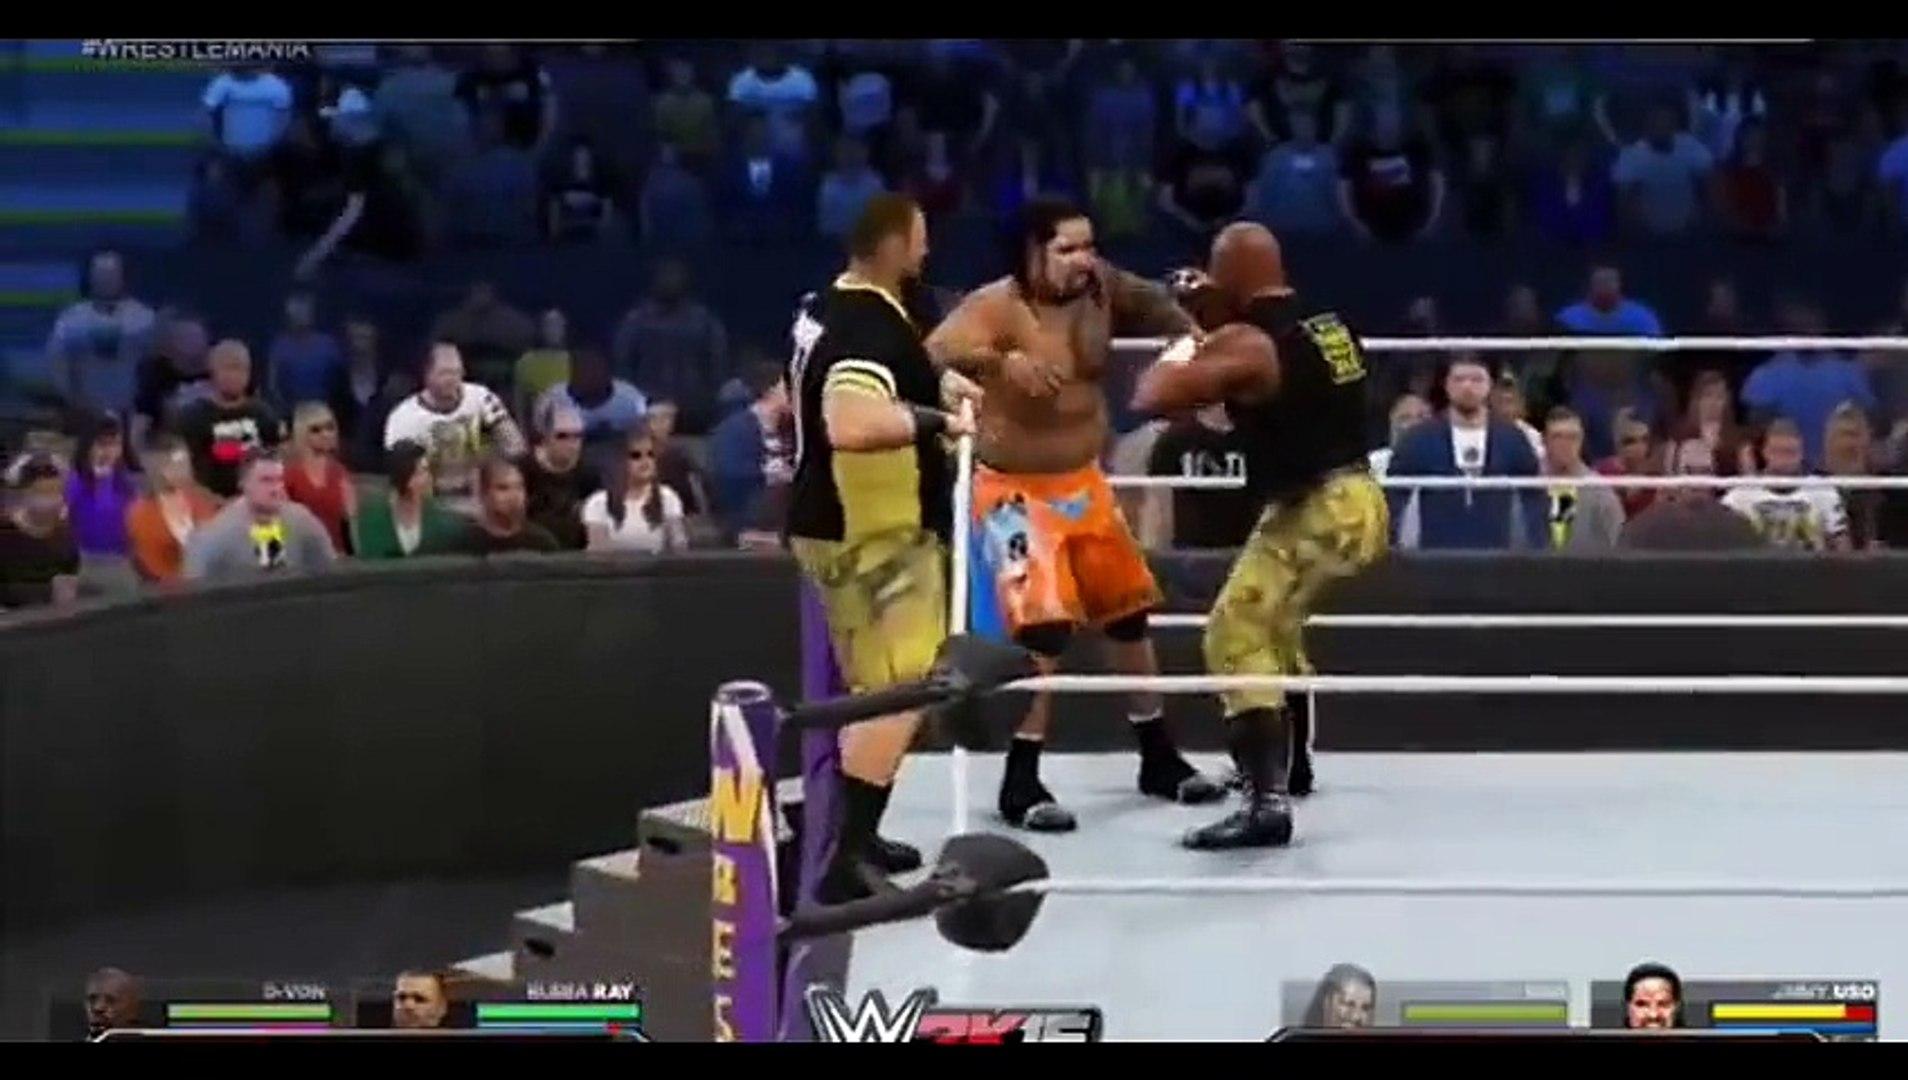 WWE 2K15 - Top 5 Tag Team Maneuvers (WWE 2K15 Countdown)